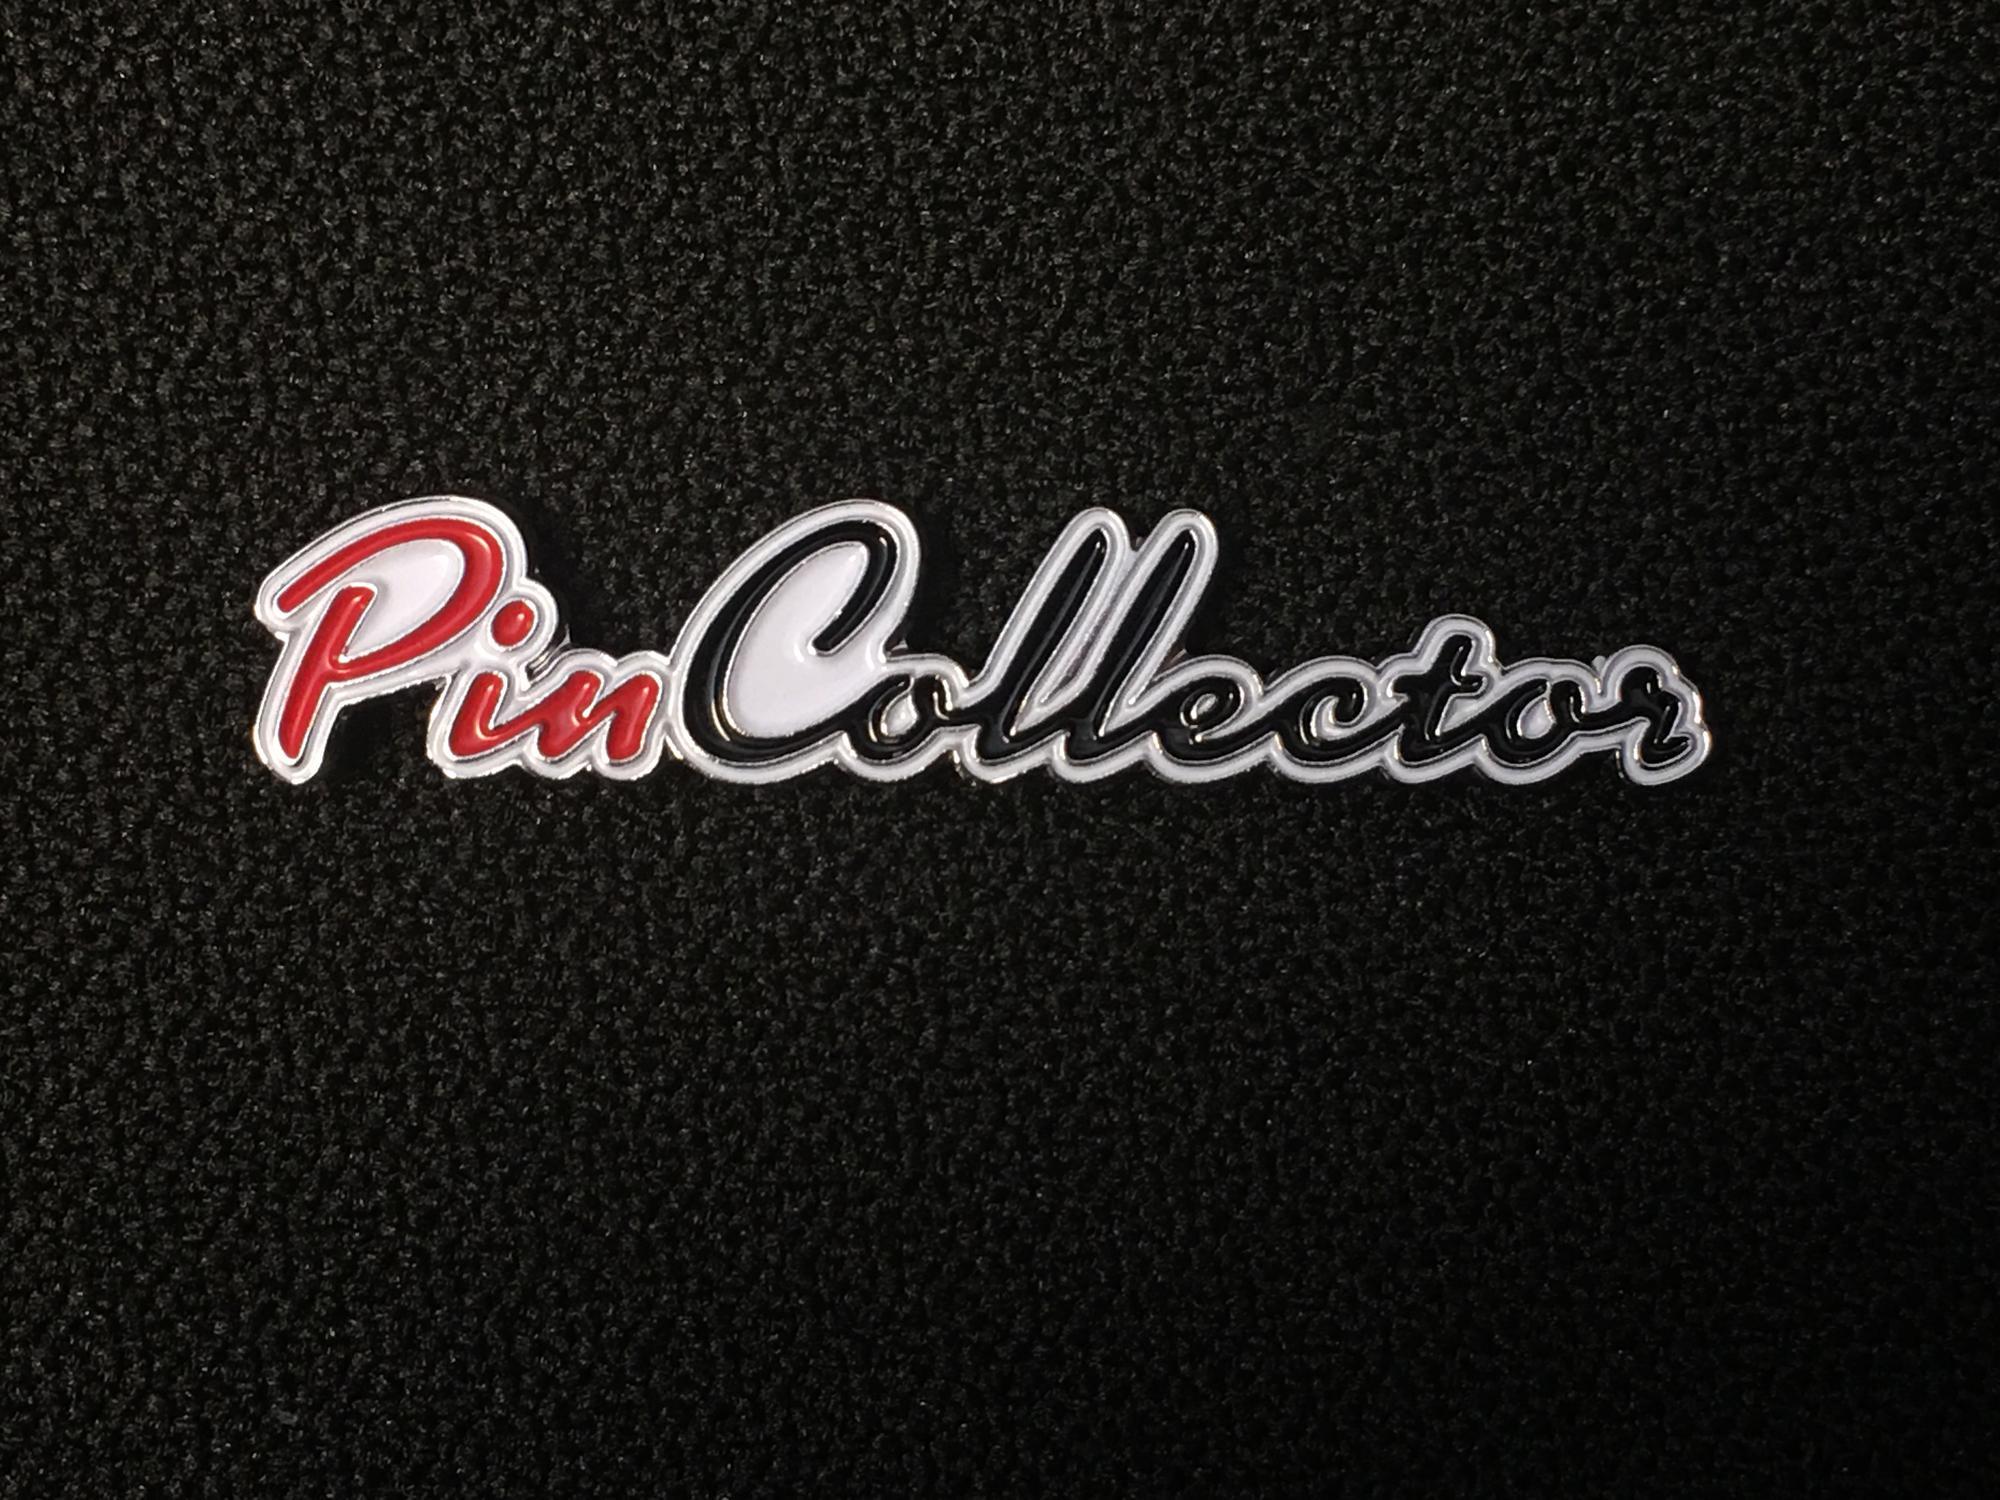 PinCollector Logo  Pin